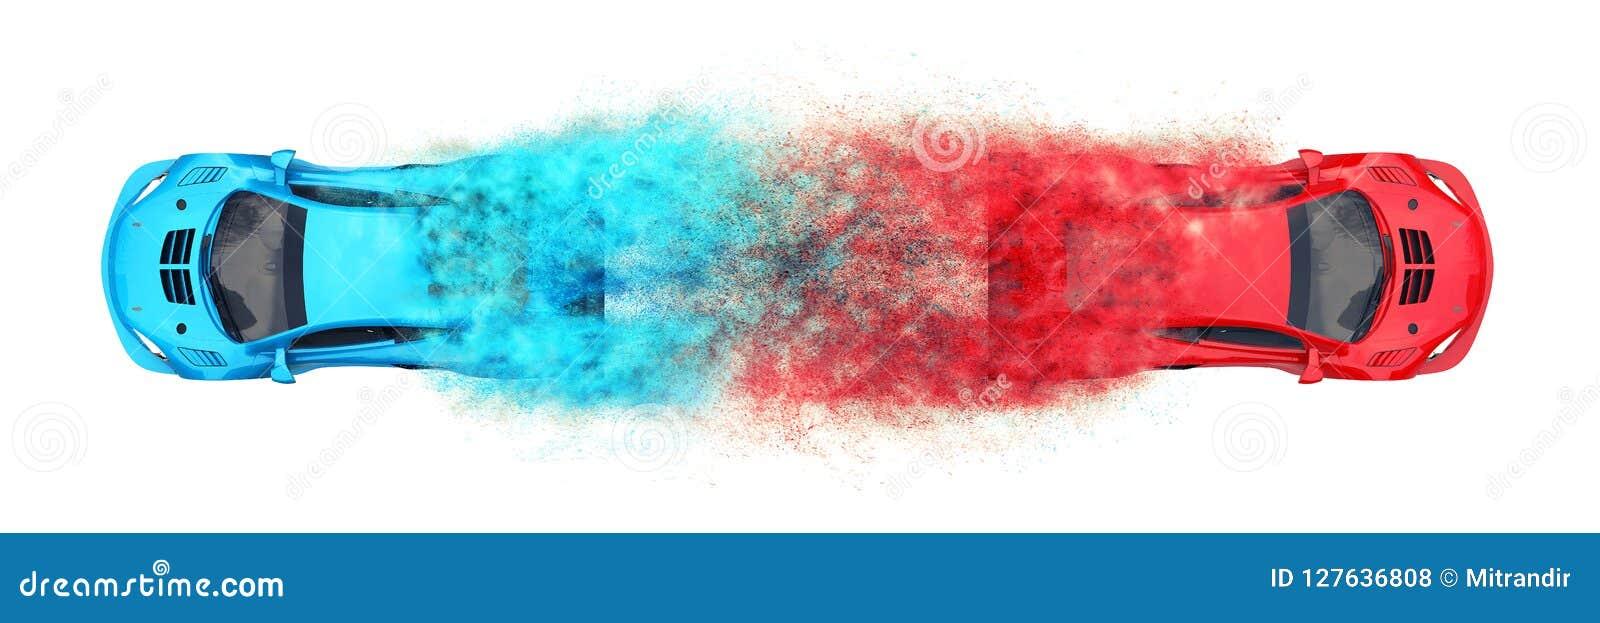 Automobili sportive moderne rosse e blu - effetto della particella